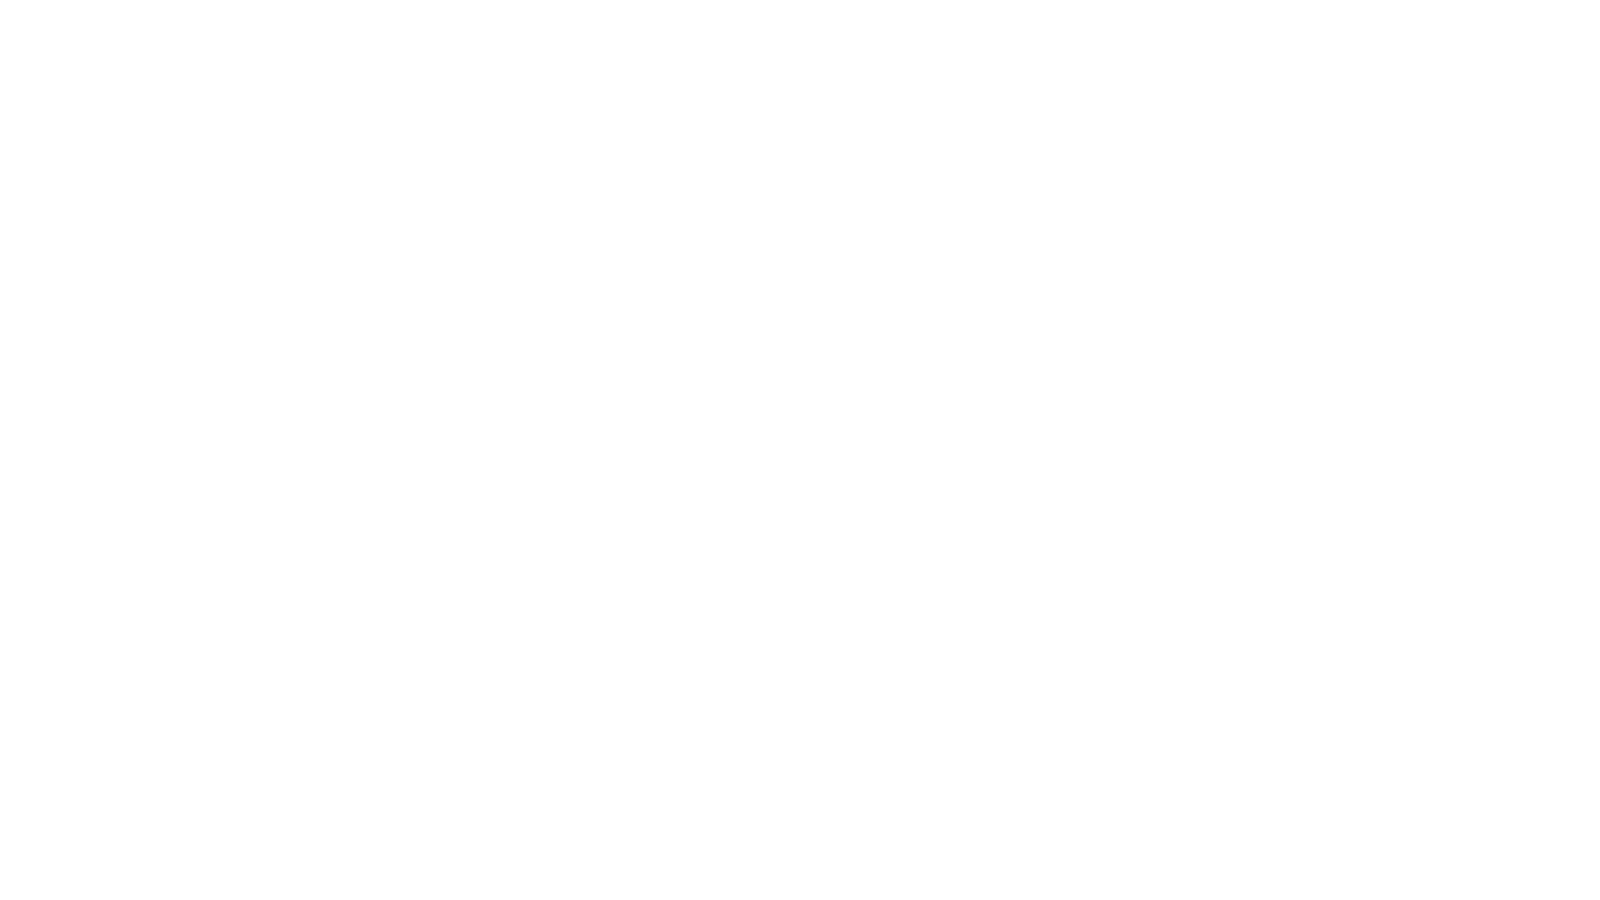 Présentation du Veggie Gel, gel biosourcé, biodégradable et liphophile, de ses spécificités et de ses utilisations pour la pharmacie et la cosmétique. Le Veggie Gel est fabriqué par Aiglon, spécialiste des vaselines, des gels et des huiles blanches.